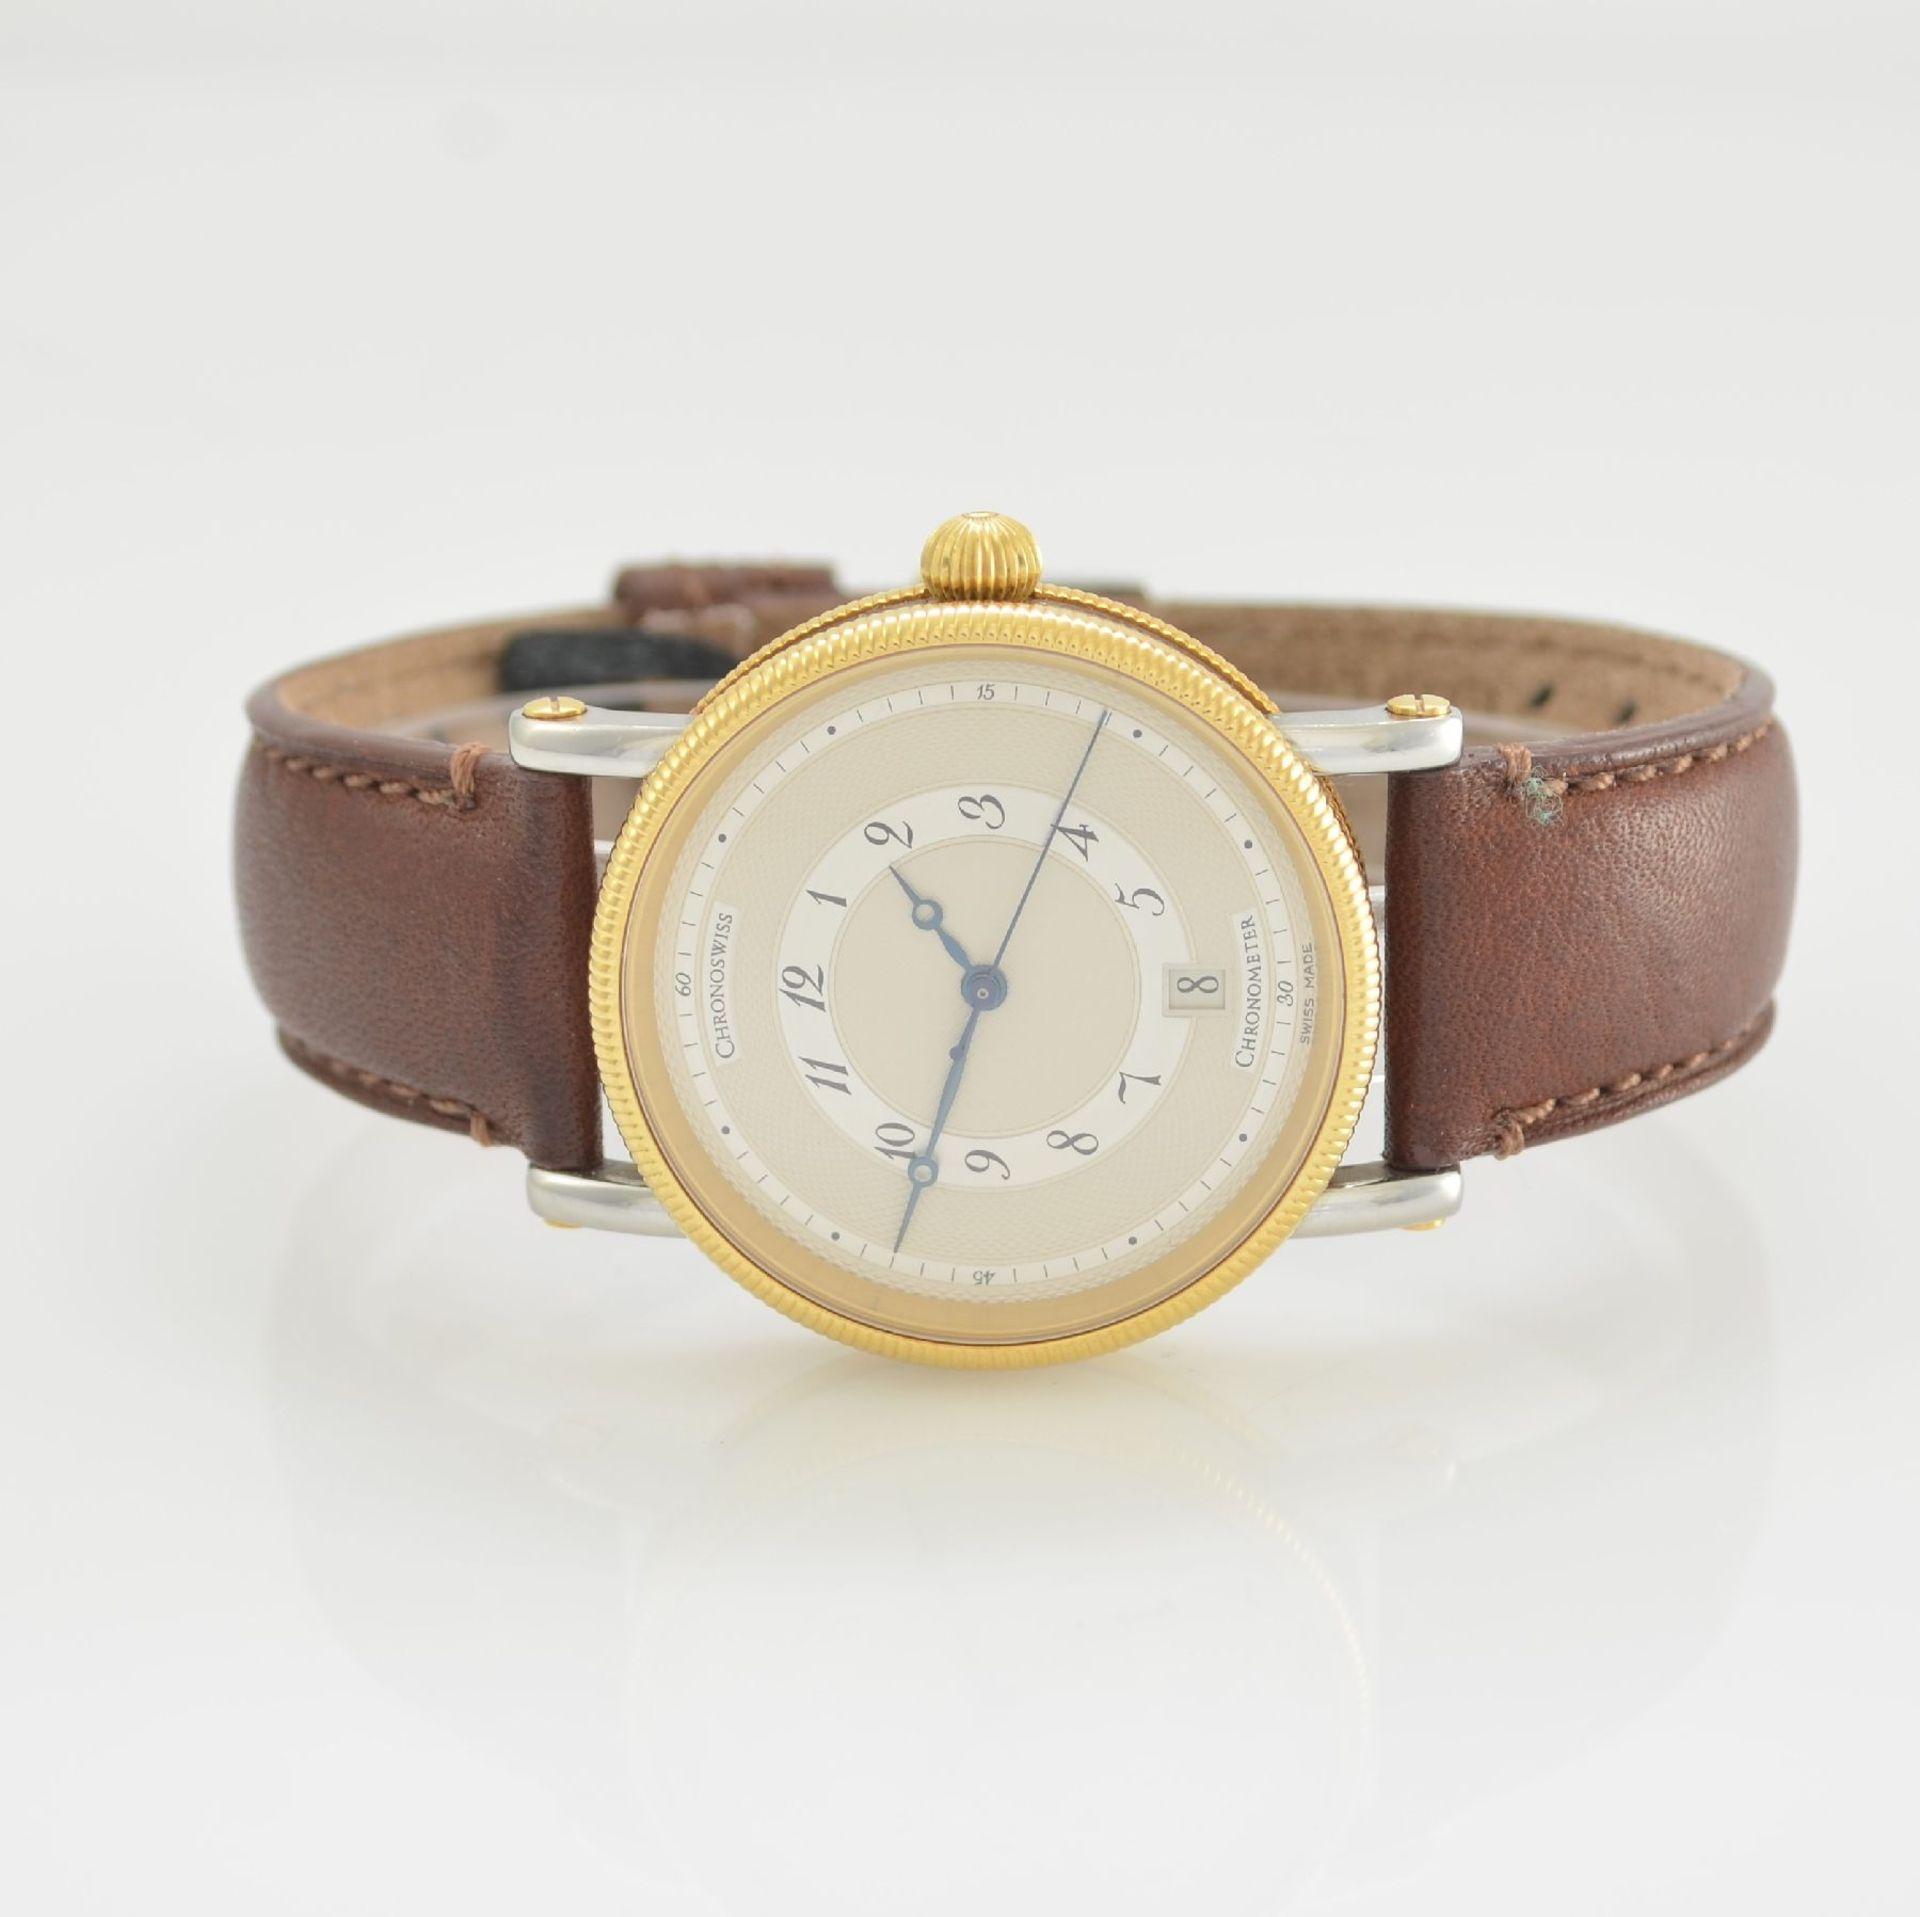 CHRONOSWISS Chronometer Herrenarmbanduhr, Automatik, Ref. CH 2822, Edelstahl/Gold kombiniert inkl.